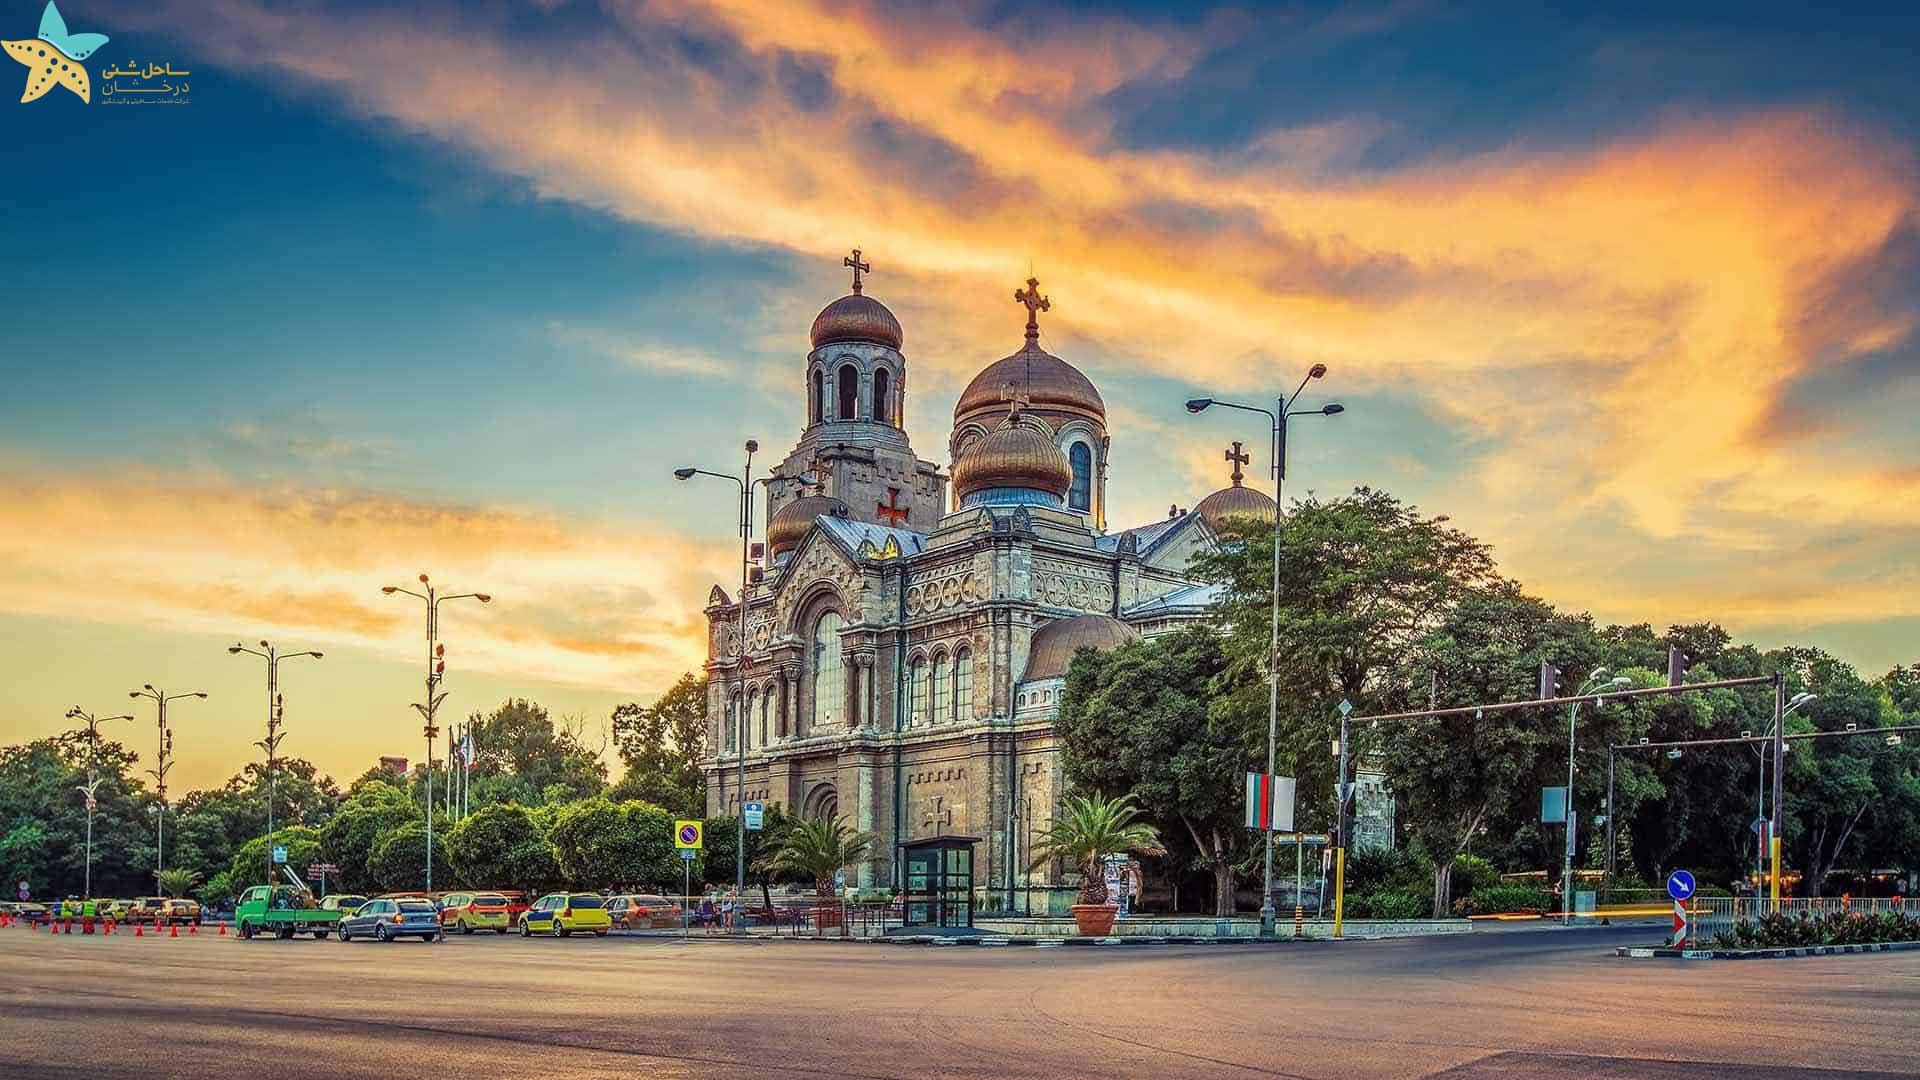 وارنا - جاذبه های گردشگری بلغارستان